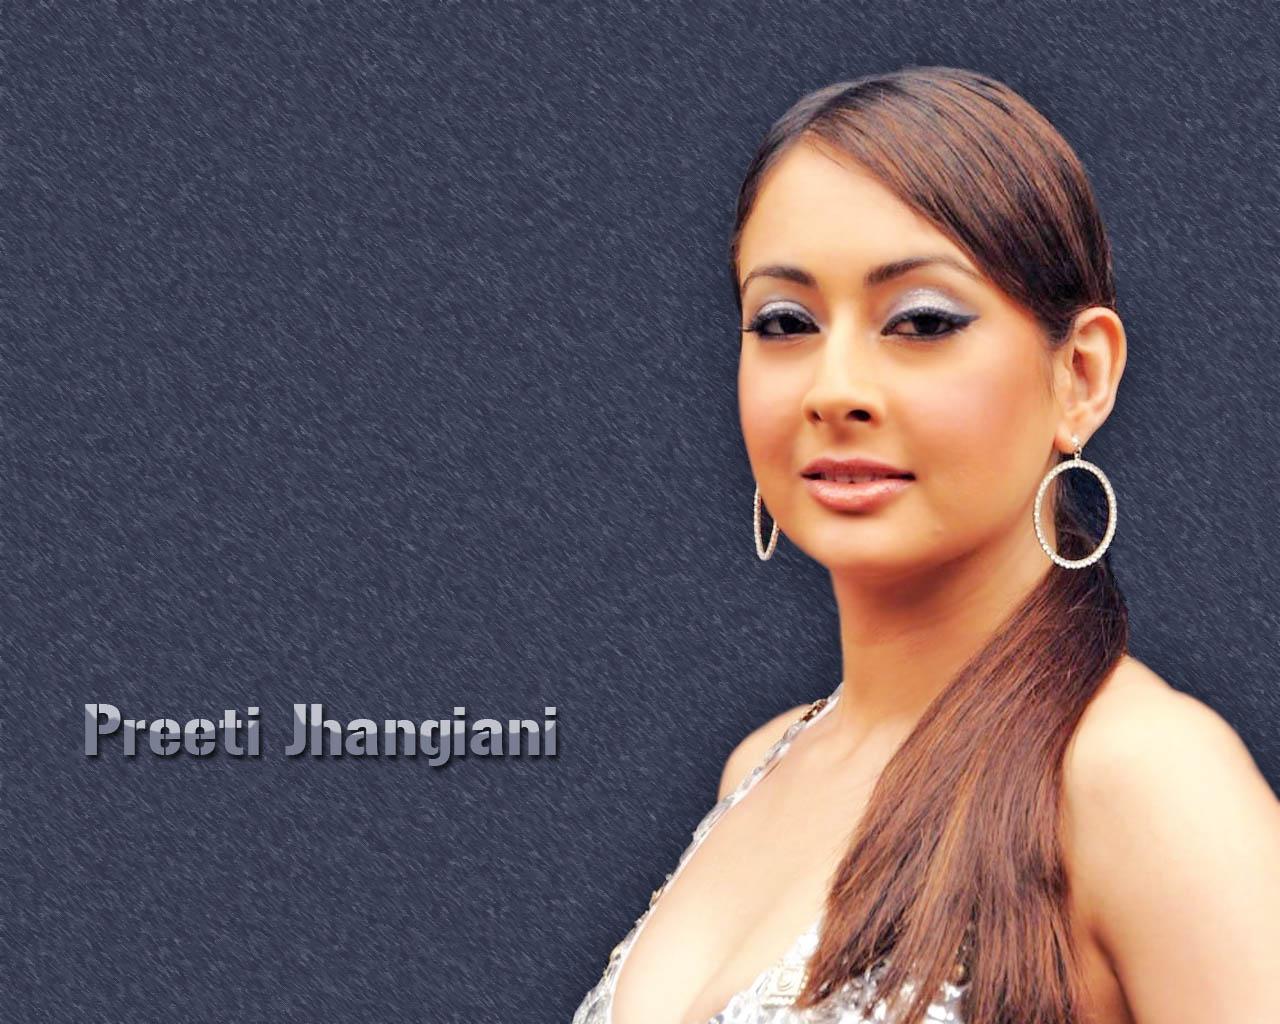 Hd wallpaper education - Bollywood Actress Hd Wallpapers Hollywood Actress Hd